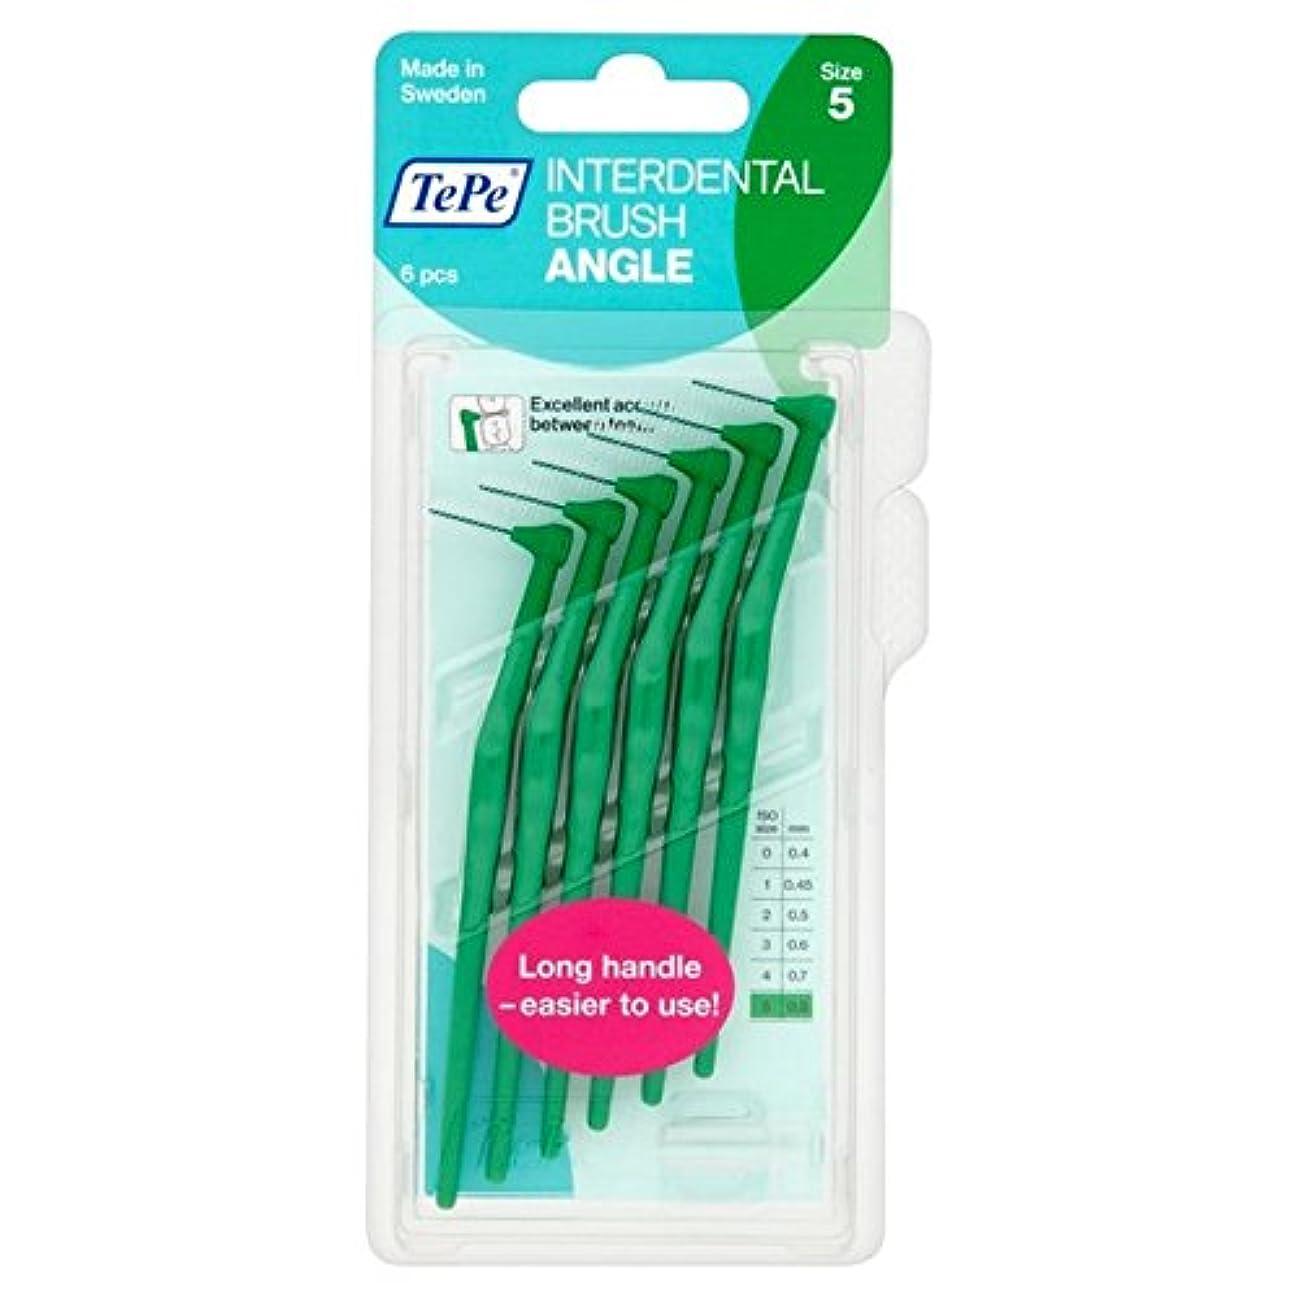 男負荷想像力パックあたり6 0.8ミリメートル緑テペ角度 x2 - TePe Angle Green 0.8mm 6 per pack (Pack of 2) [並行輸入品]